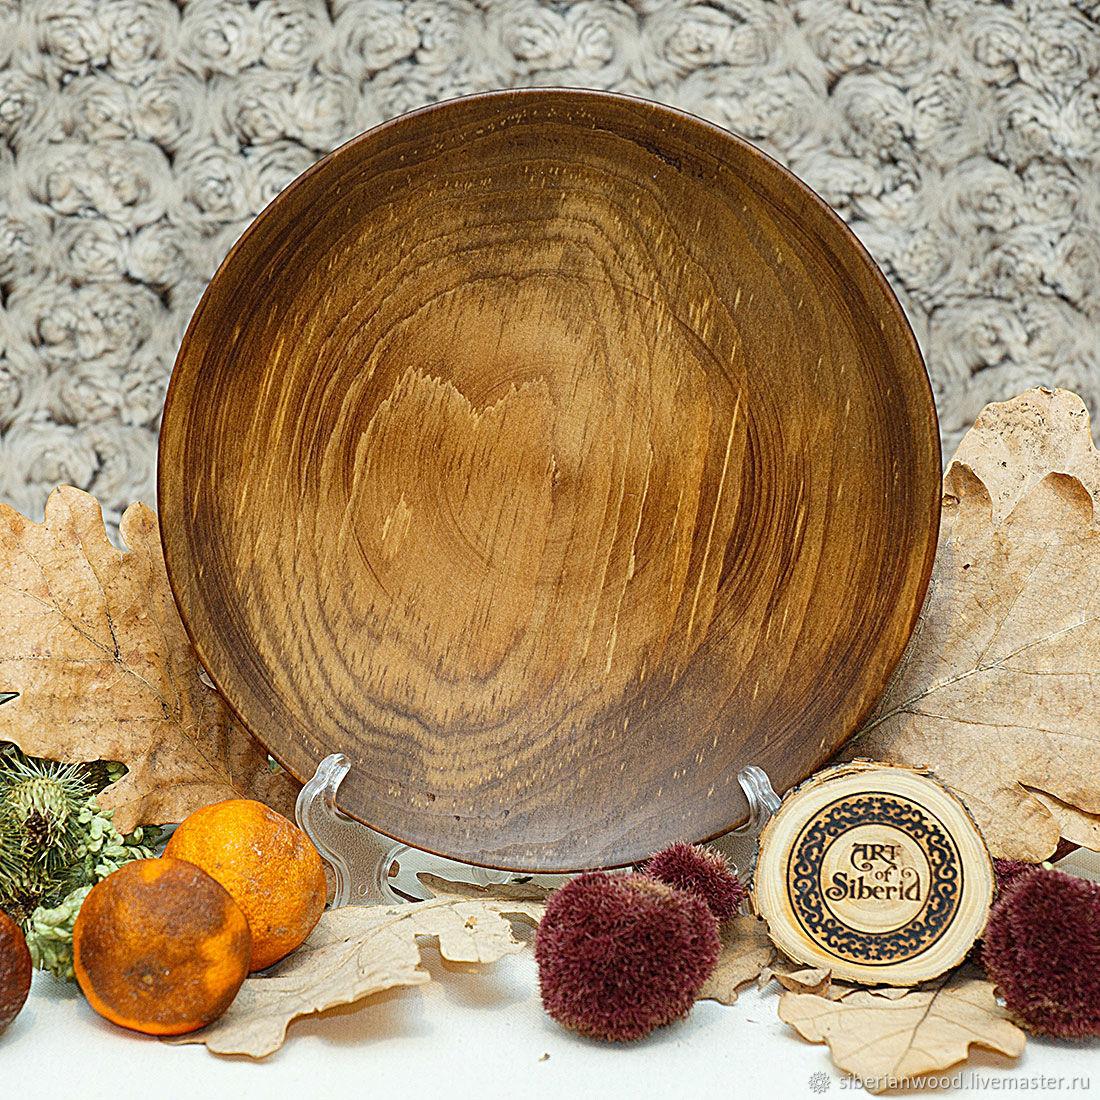 Тарелка плоская из Пихты Сибирской 20,5 см из дерева #T59, Тарелки, Новокузнецк,  Фото №1